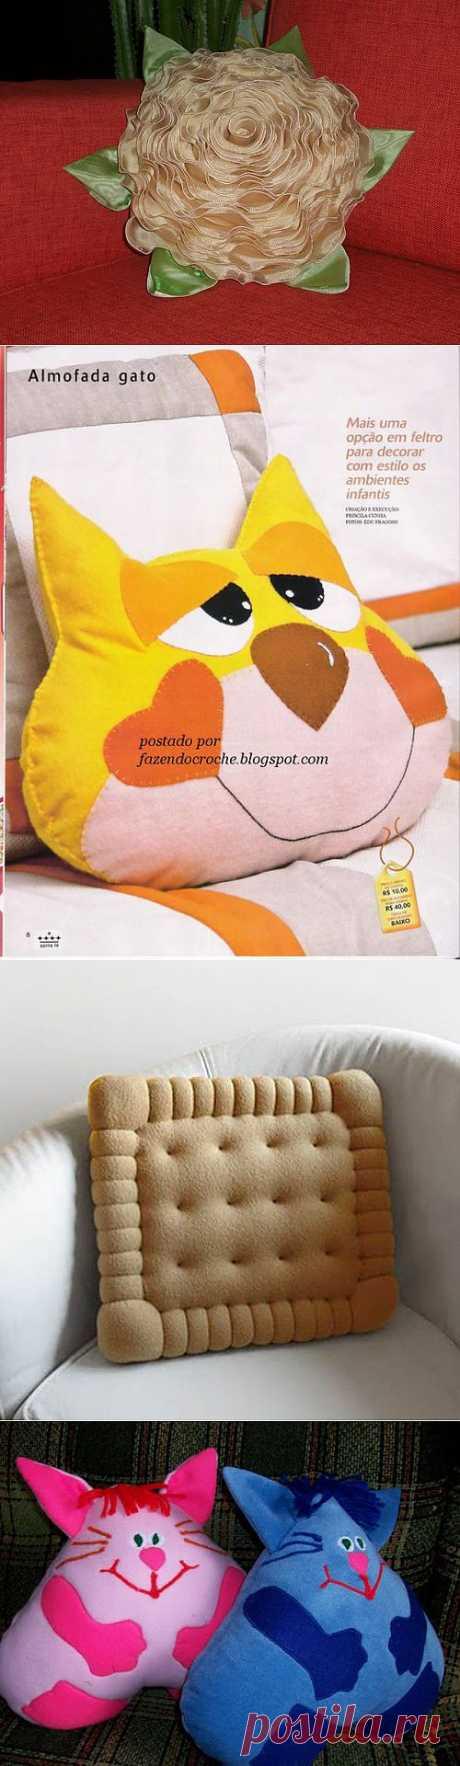 подушки, одеяла | Записи в рубрике подушки, одеяла | Время, затраченное на вдохновение, прелюдия к шедевру.